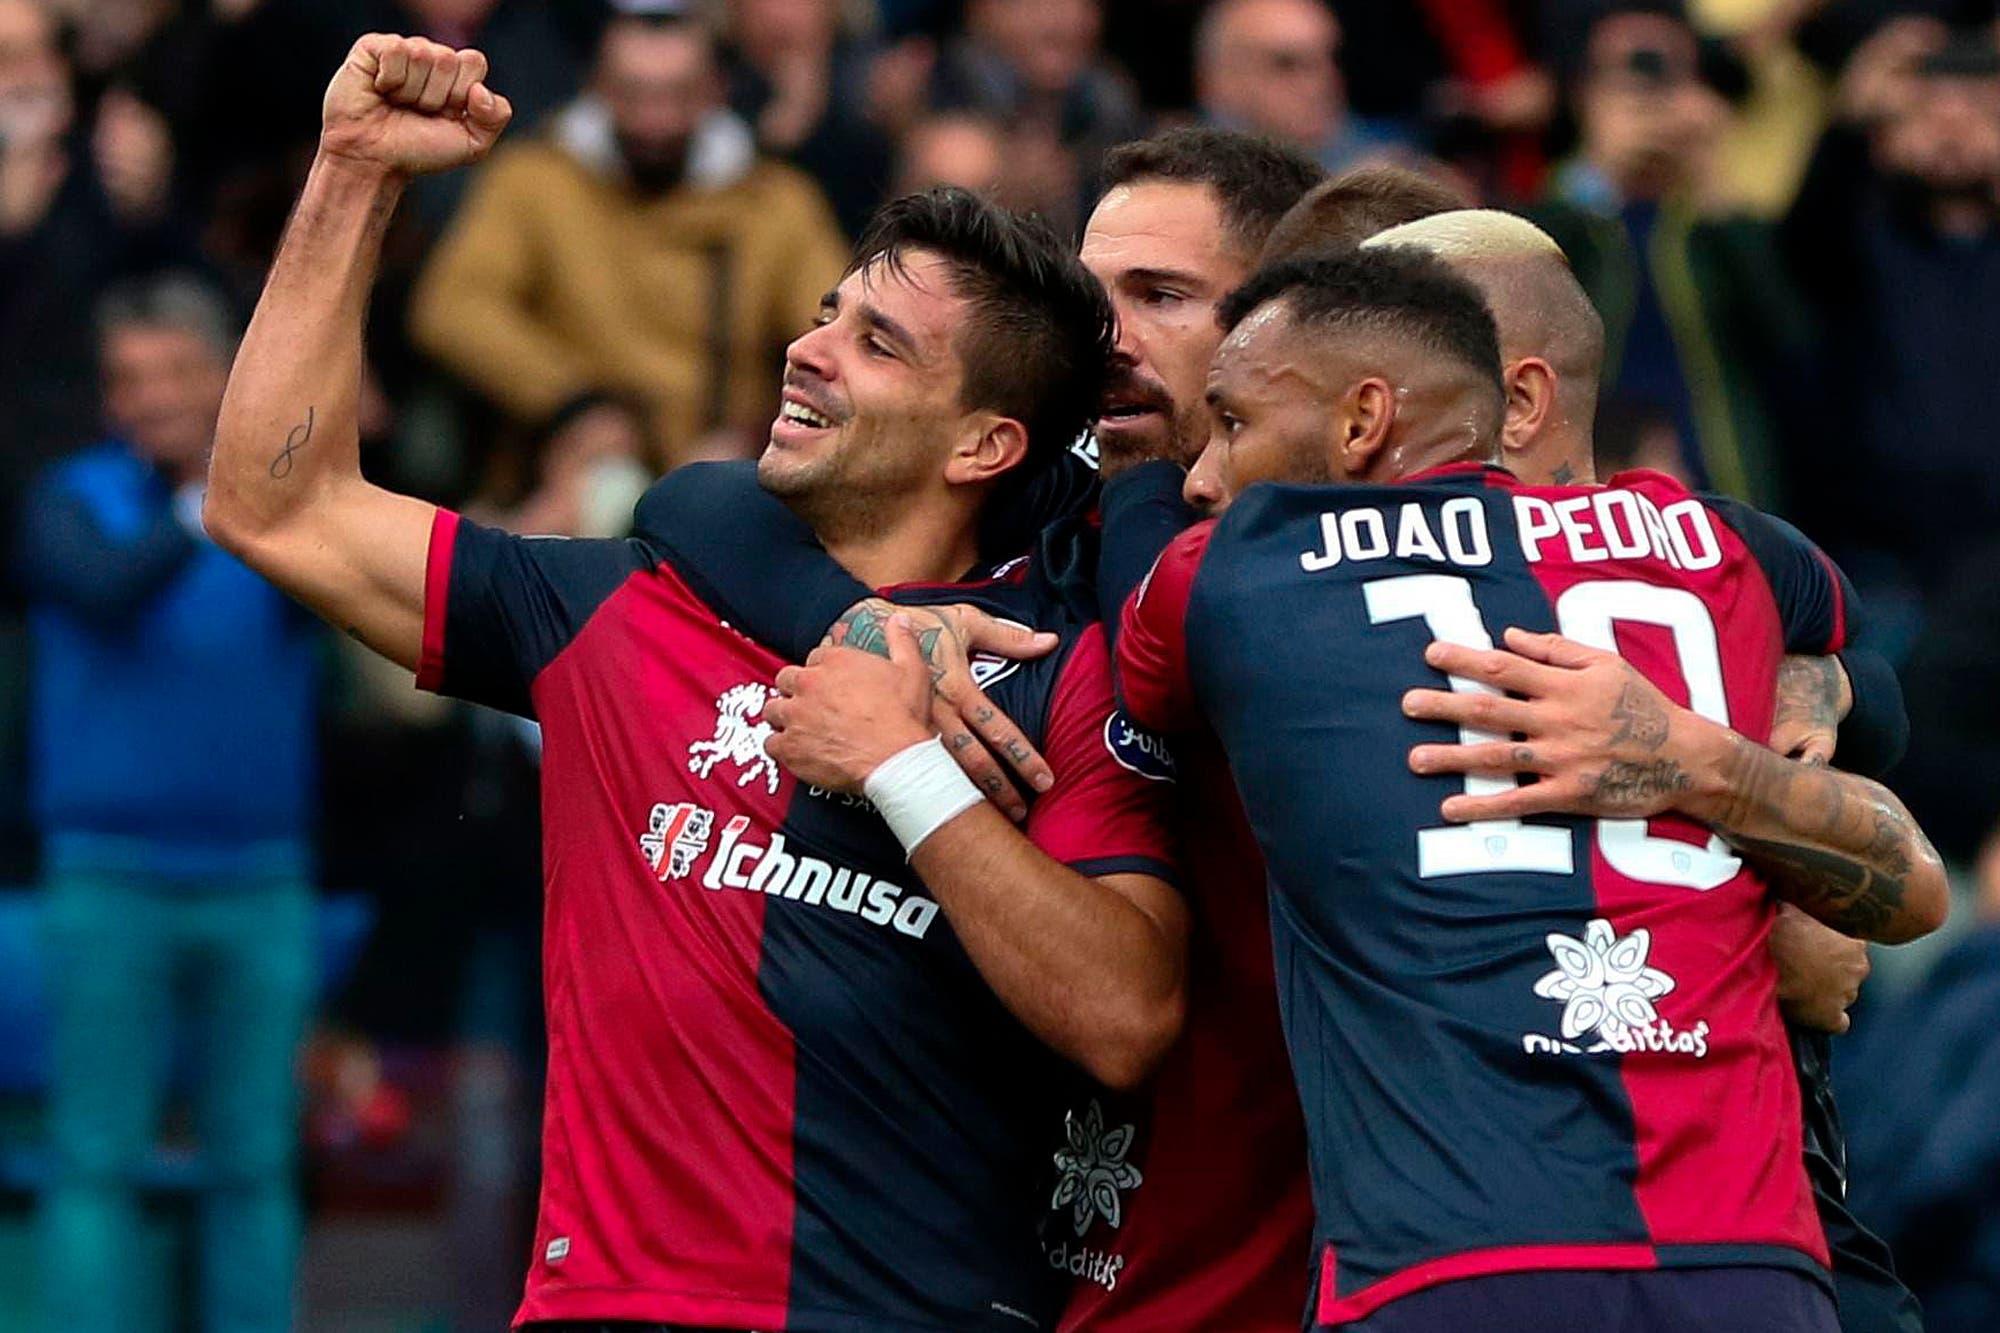 """Goles argentinos en Europa: los gritos de Gio Simeone, Angel y Joaquín Correa y """"Licha"""" Martínez"""